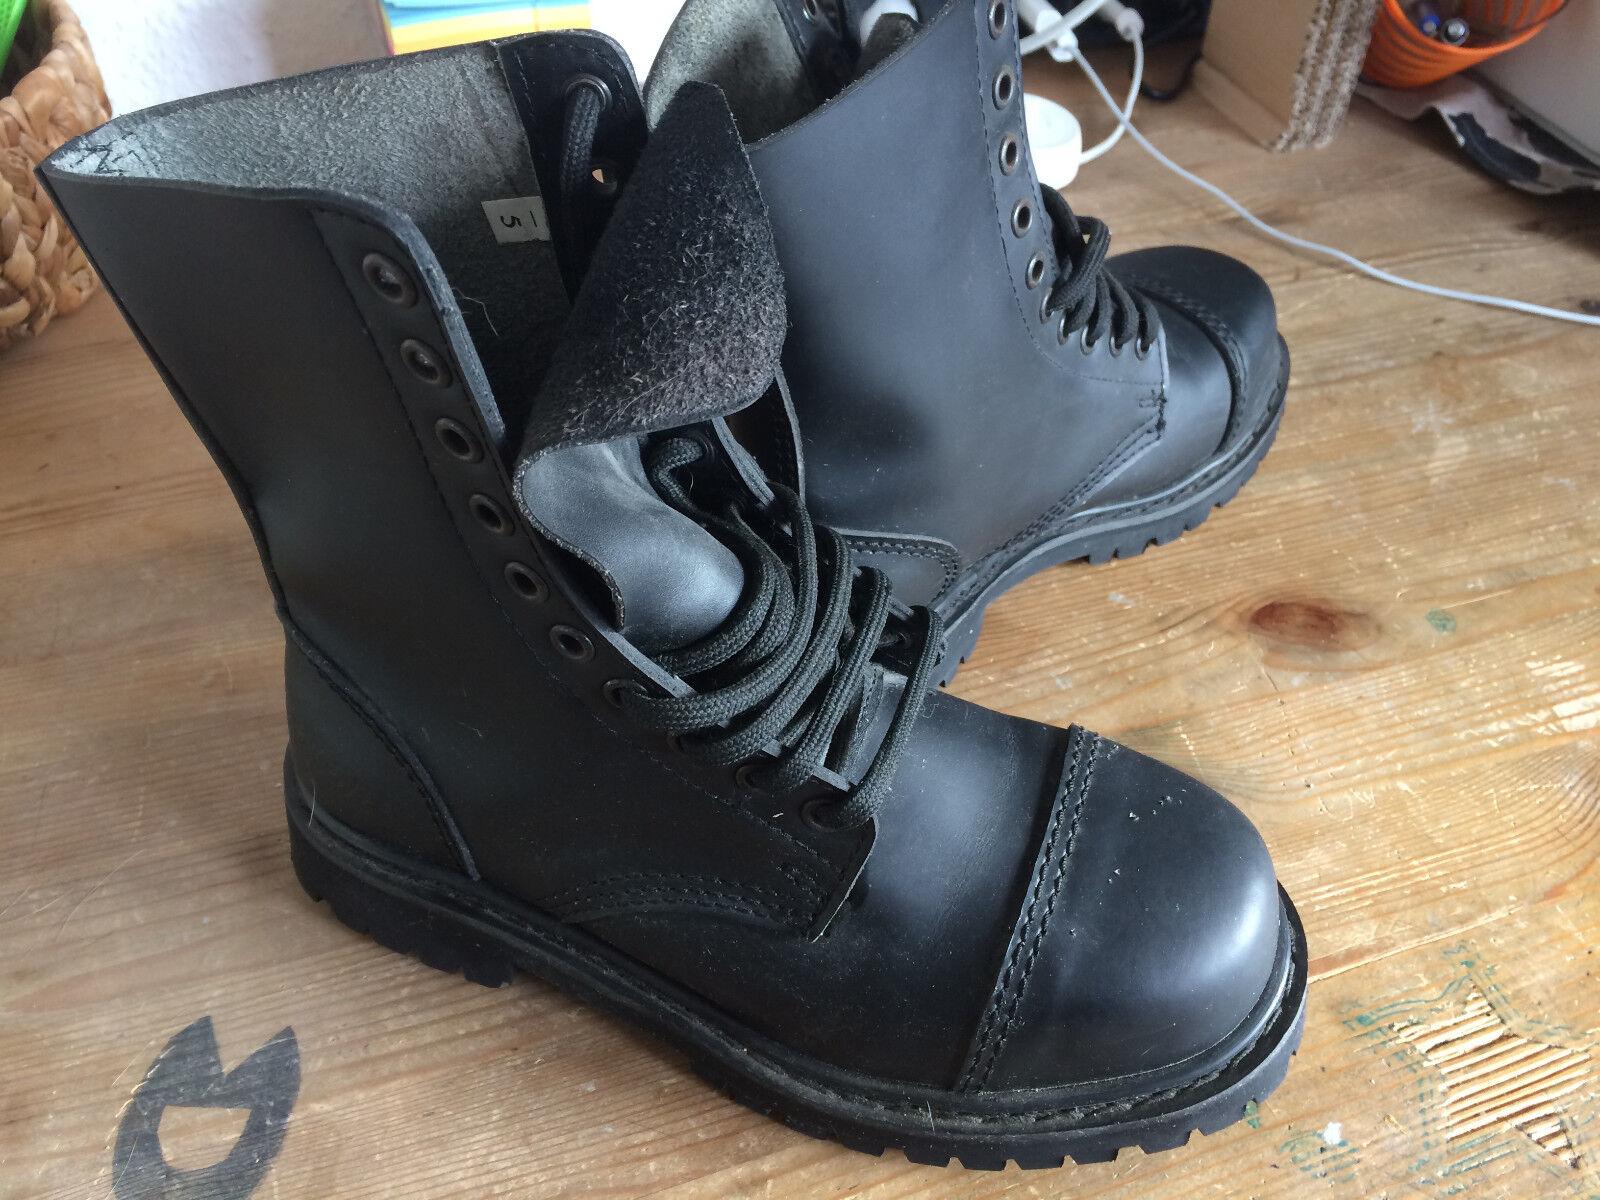 UK 10-Loch Boots Springerstiefel Stahlkappe schwarz Metal Gothic Punk Leder